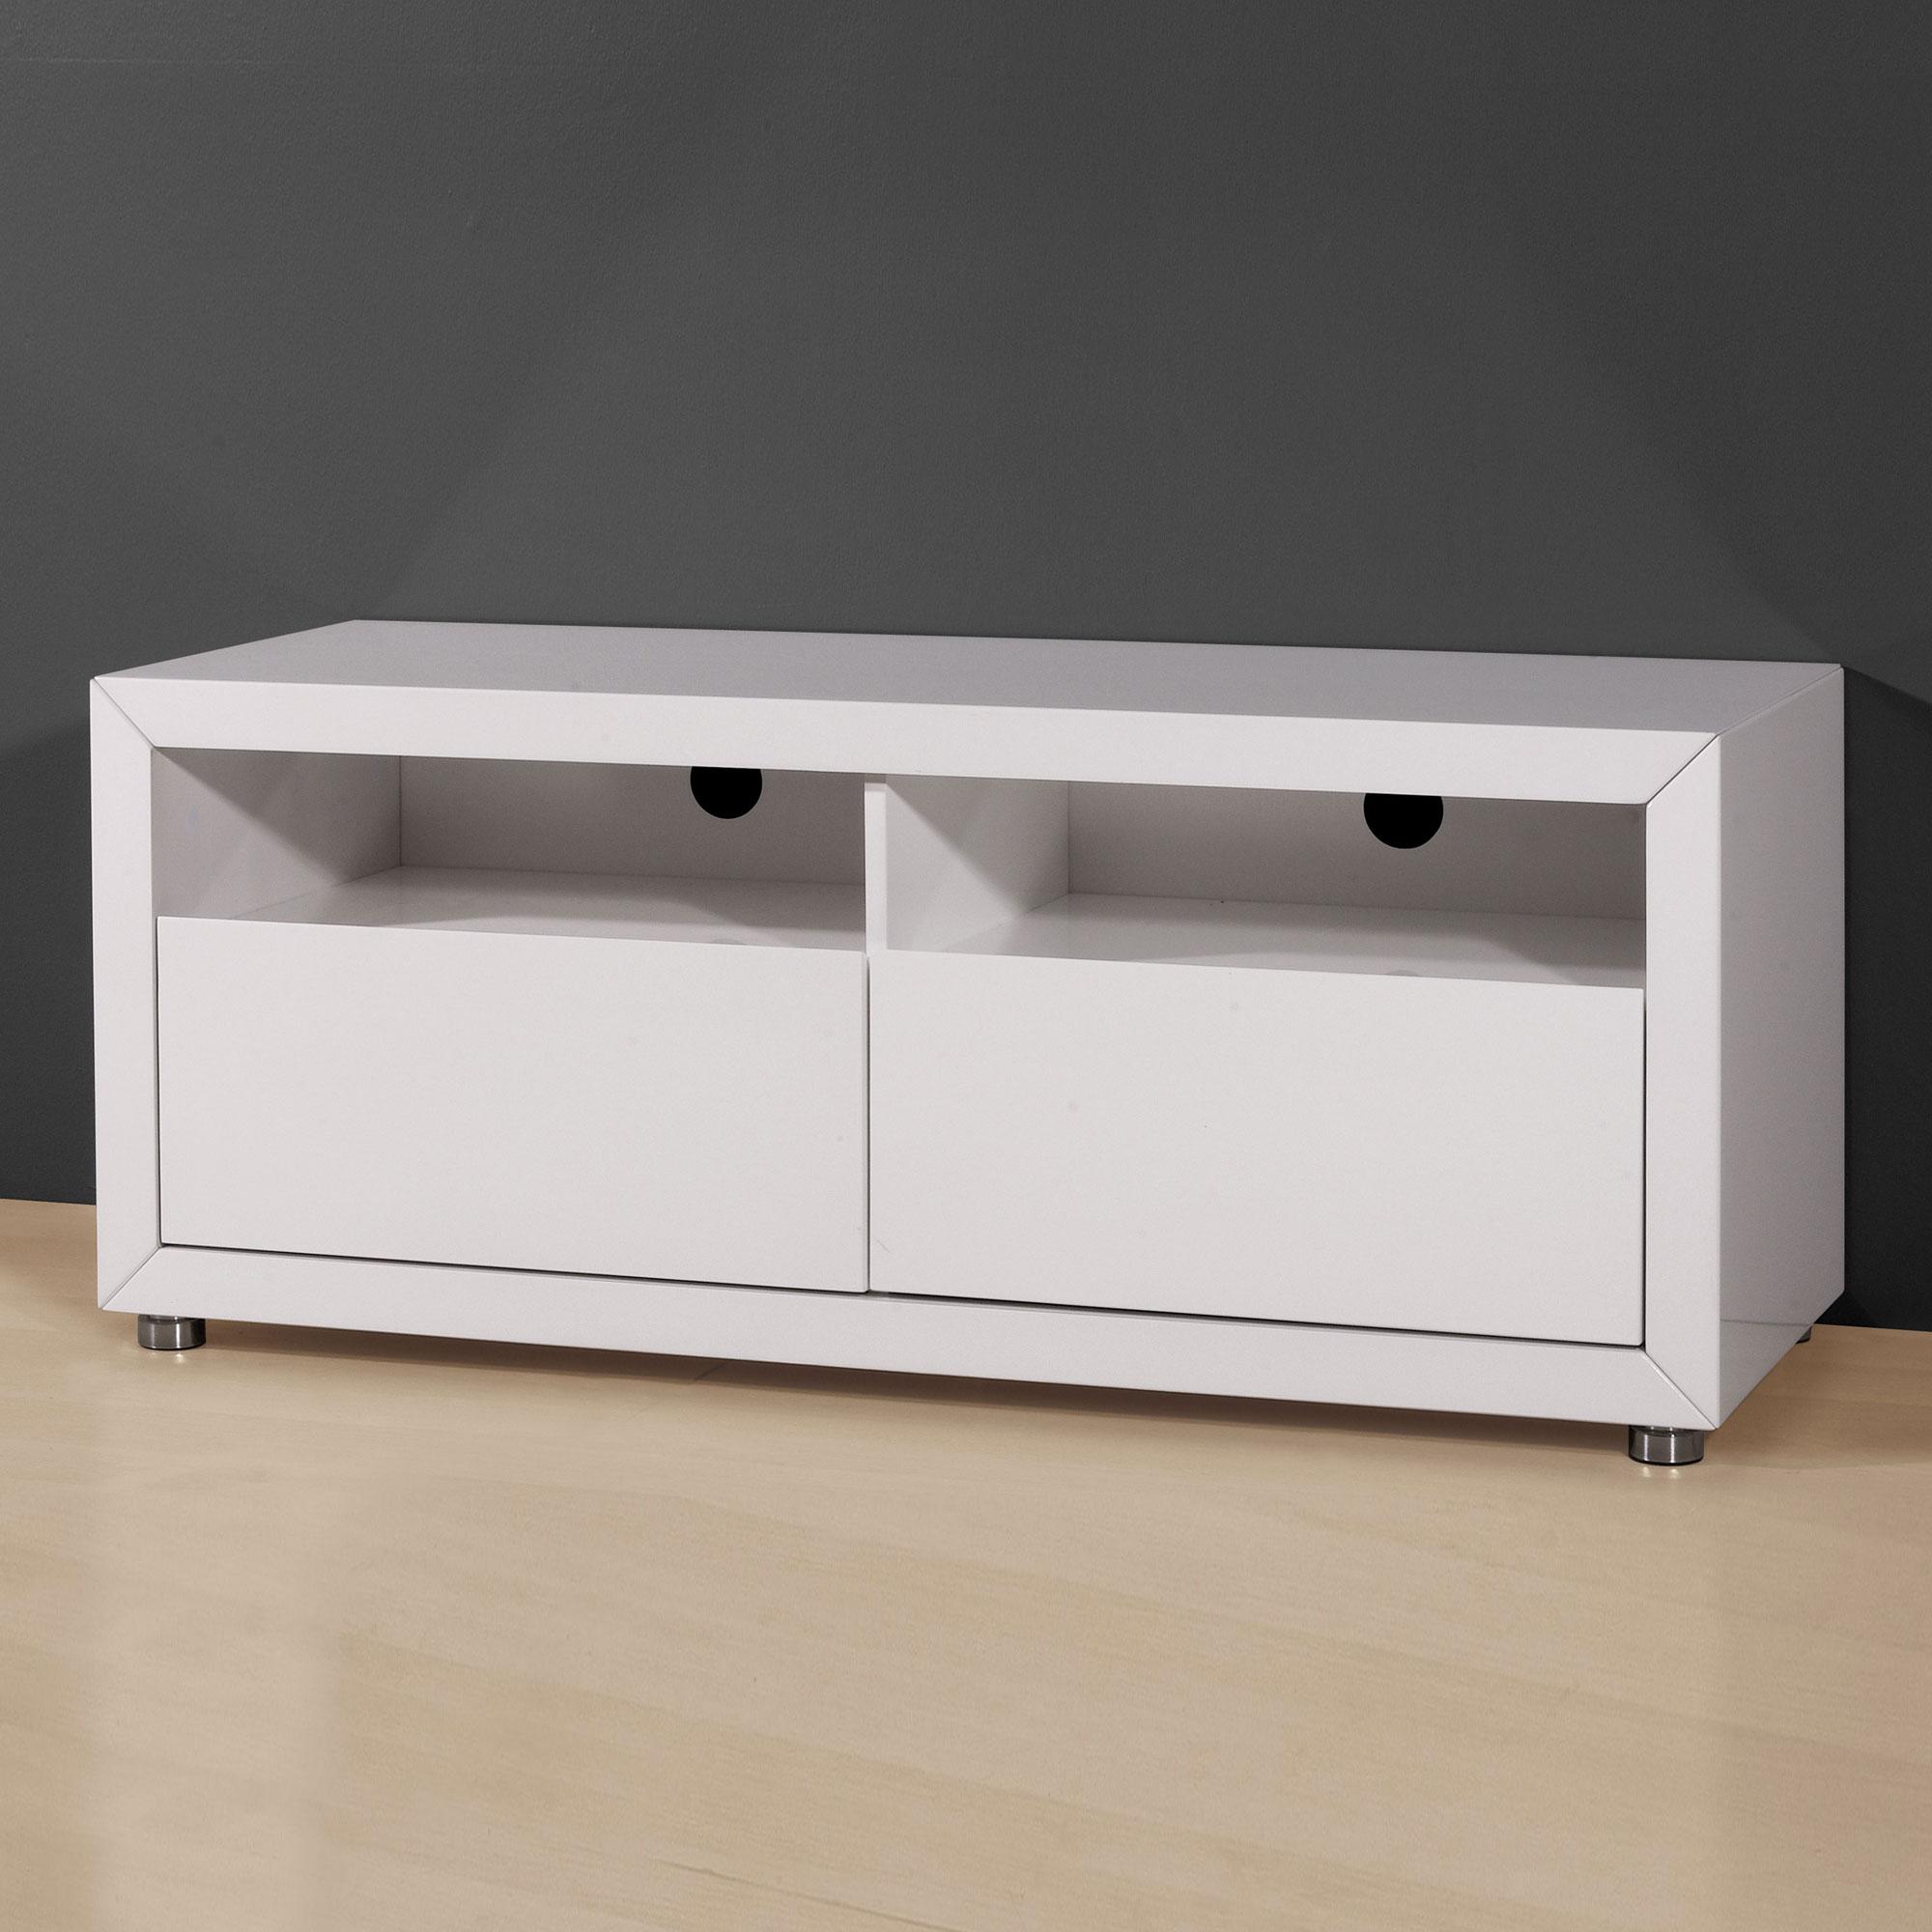 meuble tv 90 cm longueur maison et mobilier d 39 int rieur. Black Bedroom Furniture Sets. Home Design Ideas